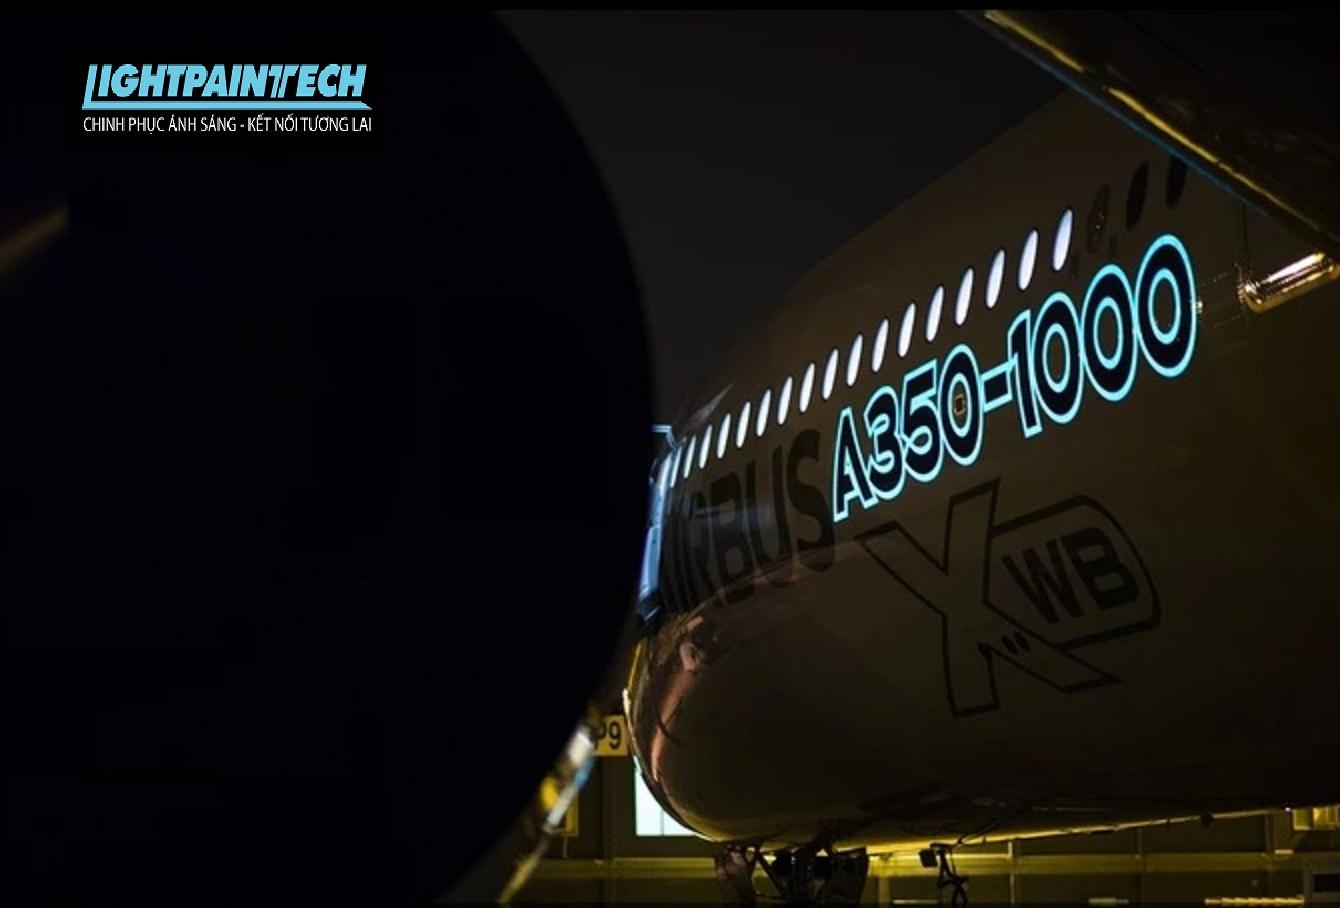 ứng dụng sơn phát sáng ngành hàng không, vũ trụ, máy bay...